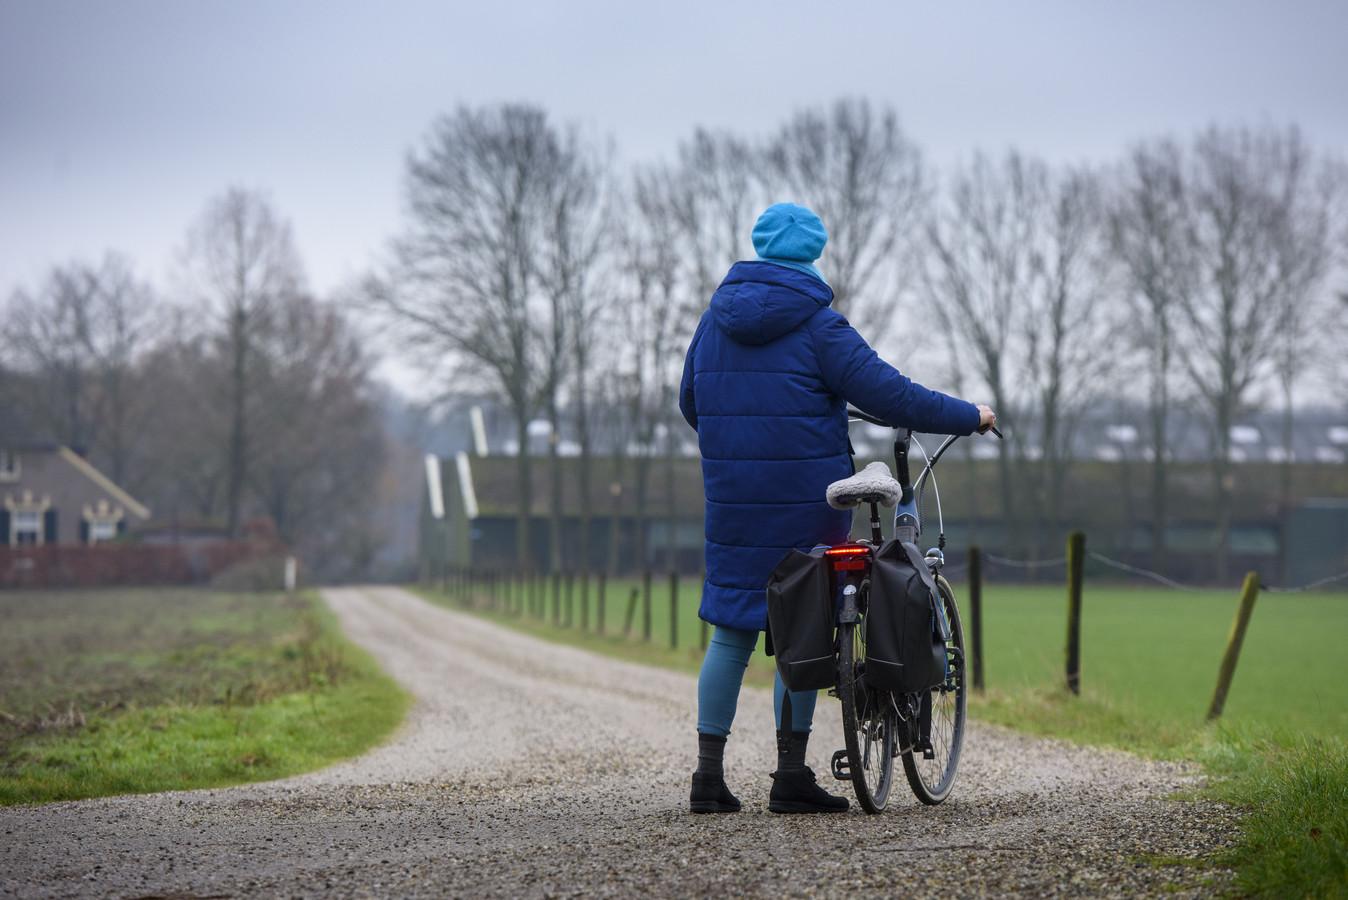 Marijke Maas, een buurtbewoner die na twee bedreigende voorvallen met boer Van Schooten niet meer over het Kerkpad durft te fietsen. Ook wil ze niet herkenbaar in beeld. ,,Ik voel me niet veilig als hij een gezicht bij dit verhaal kan plaatsen.''